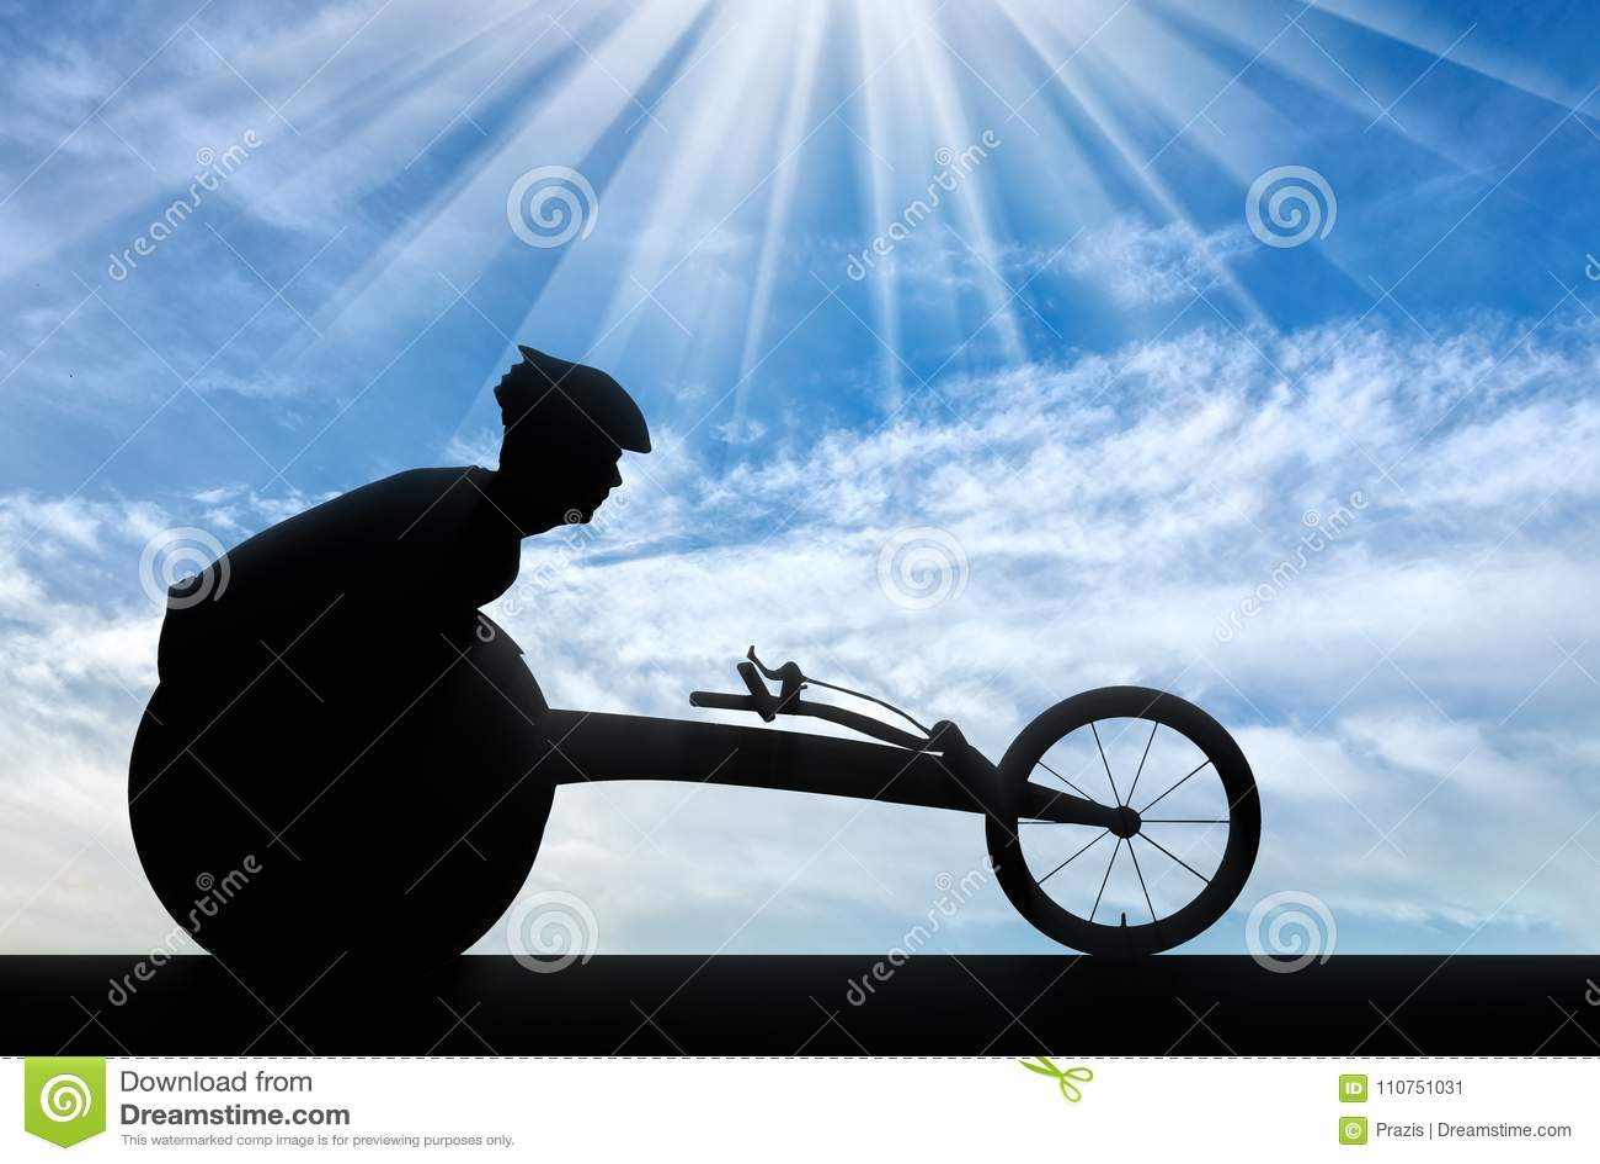 Silueta del deportista inhabilitada en una silla de ruedas que compite con